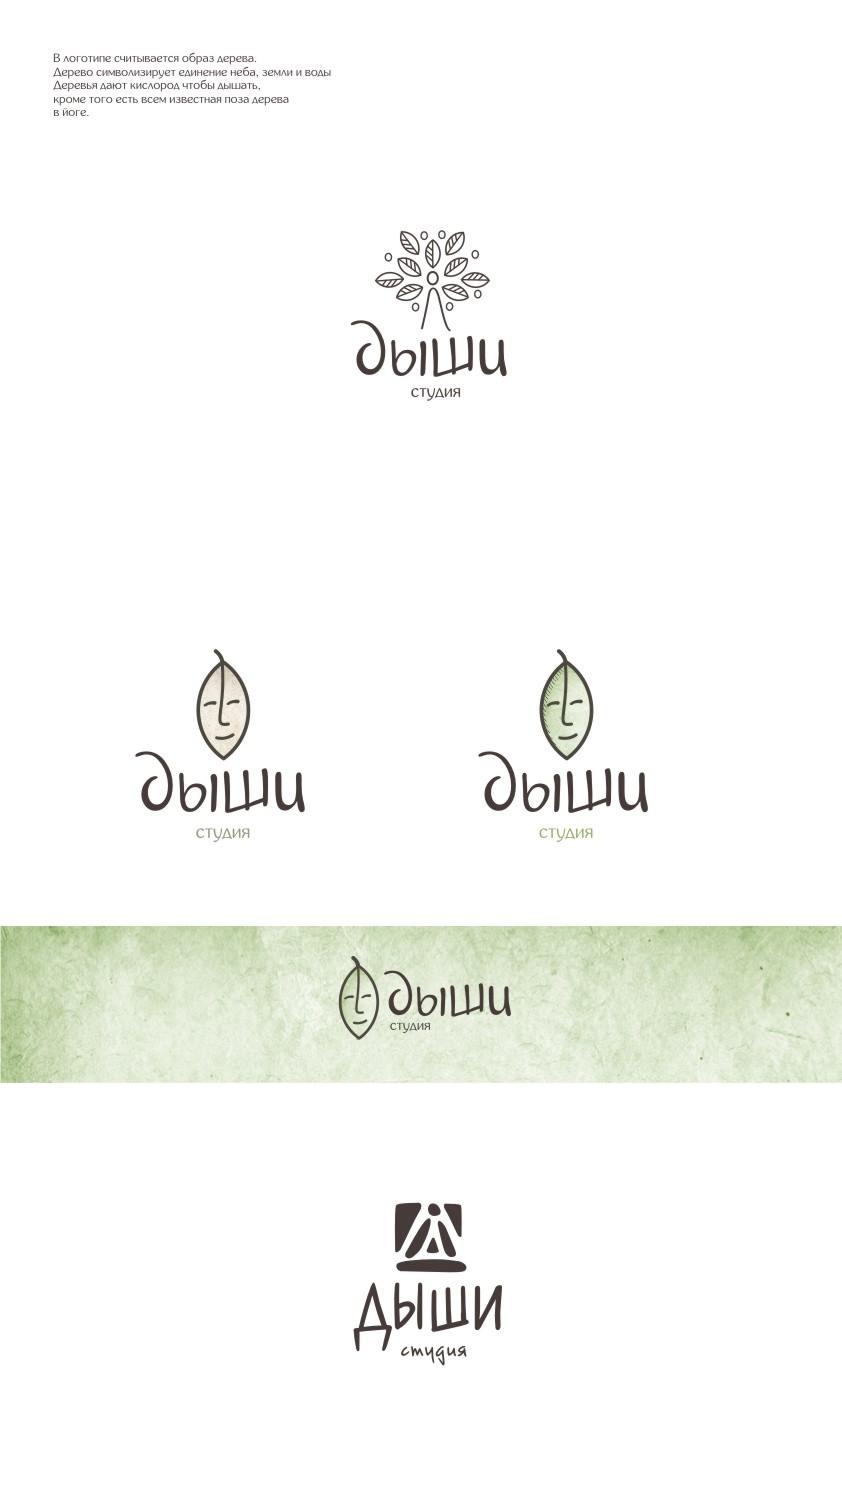 """Логотип для студии """"Дыши""""  и фирменный стиль фото f_67356f3834502cc2.jpg"""